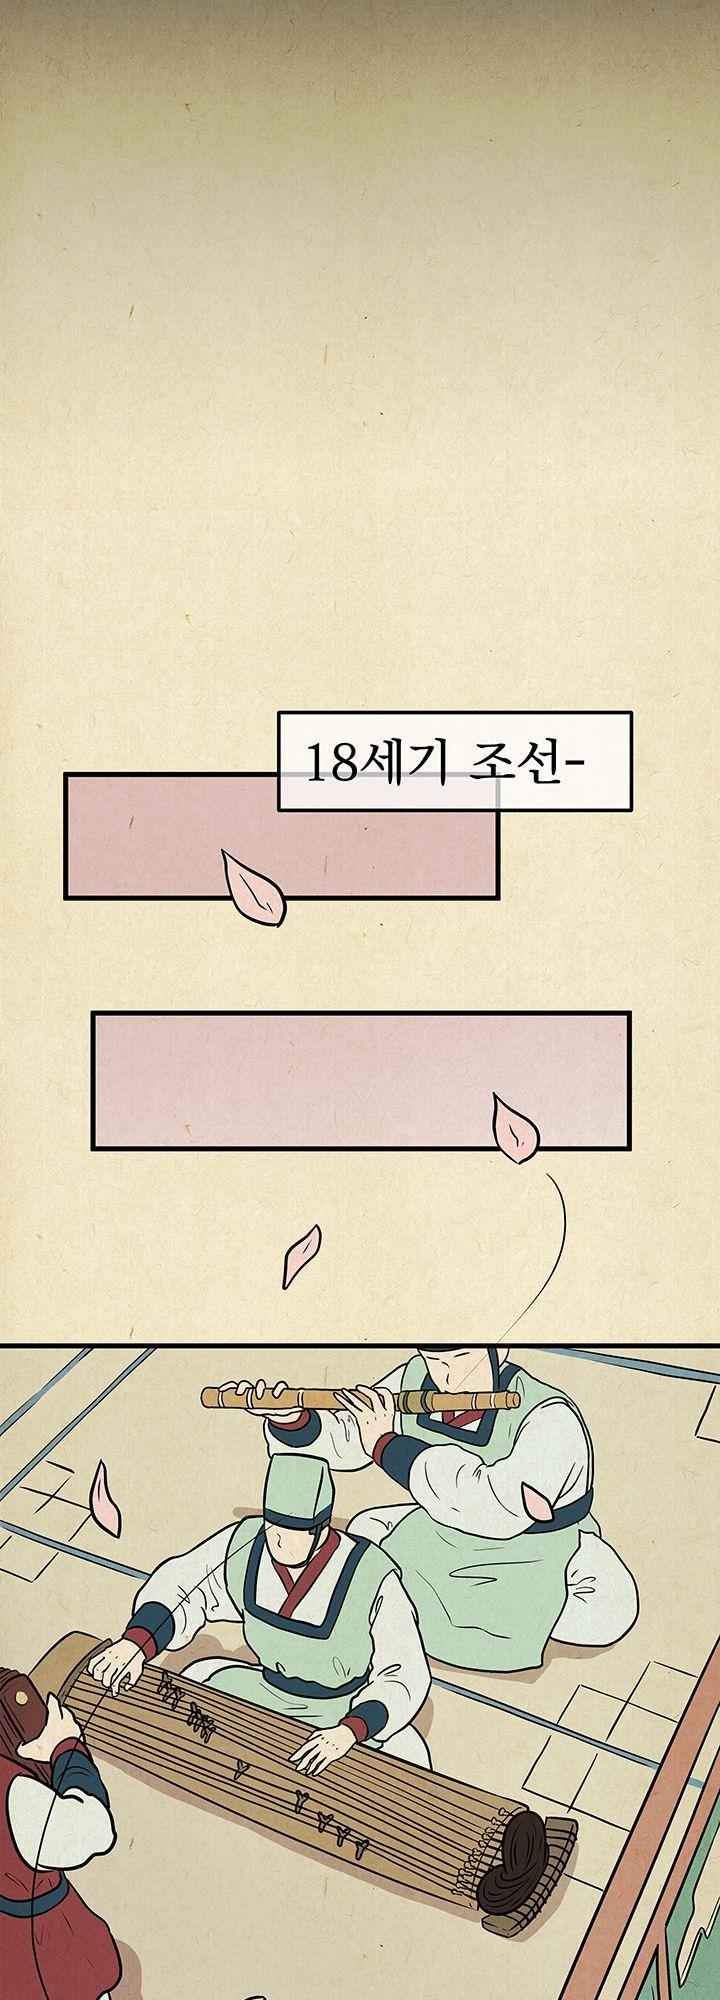 31 번째 이미지